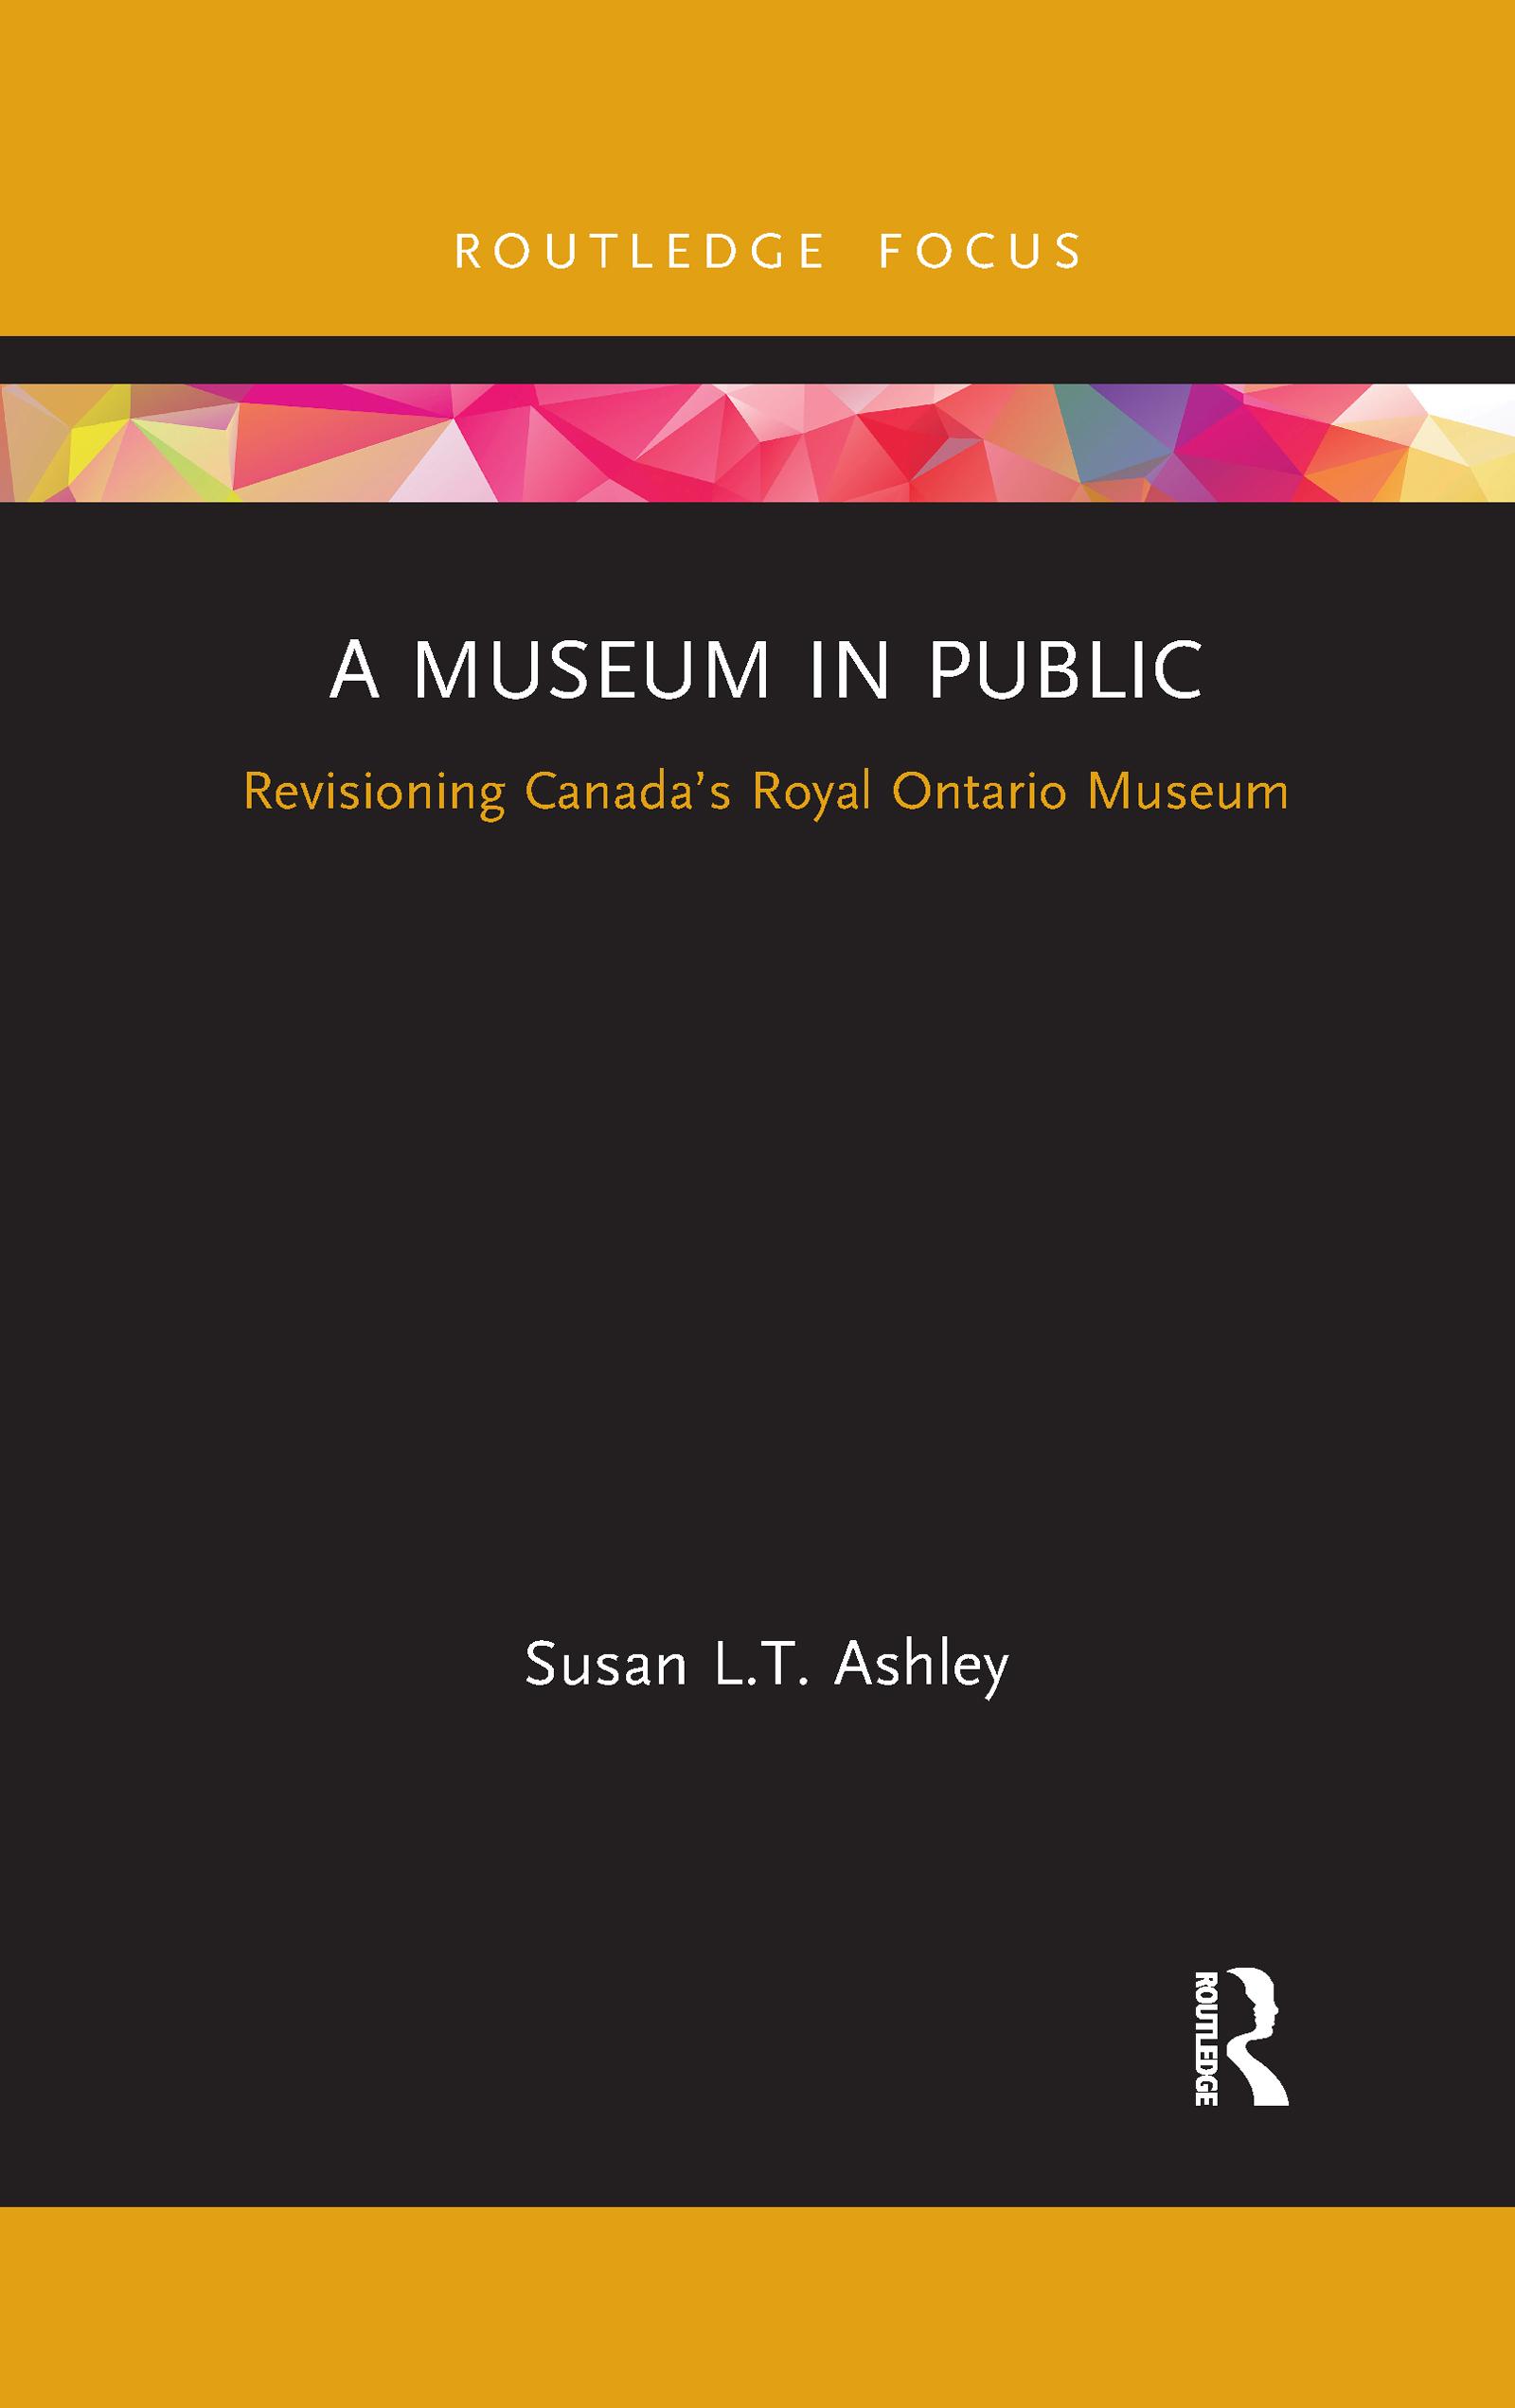 A Museum in Public